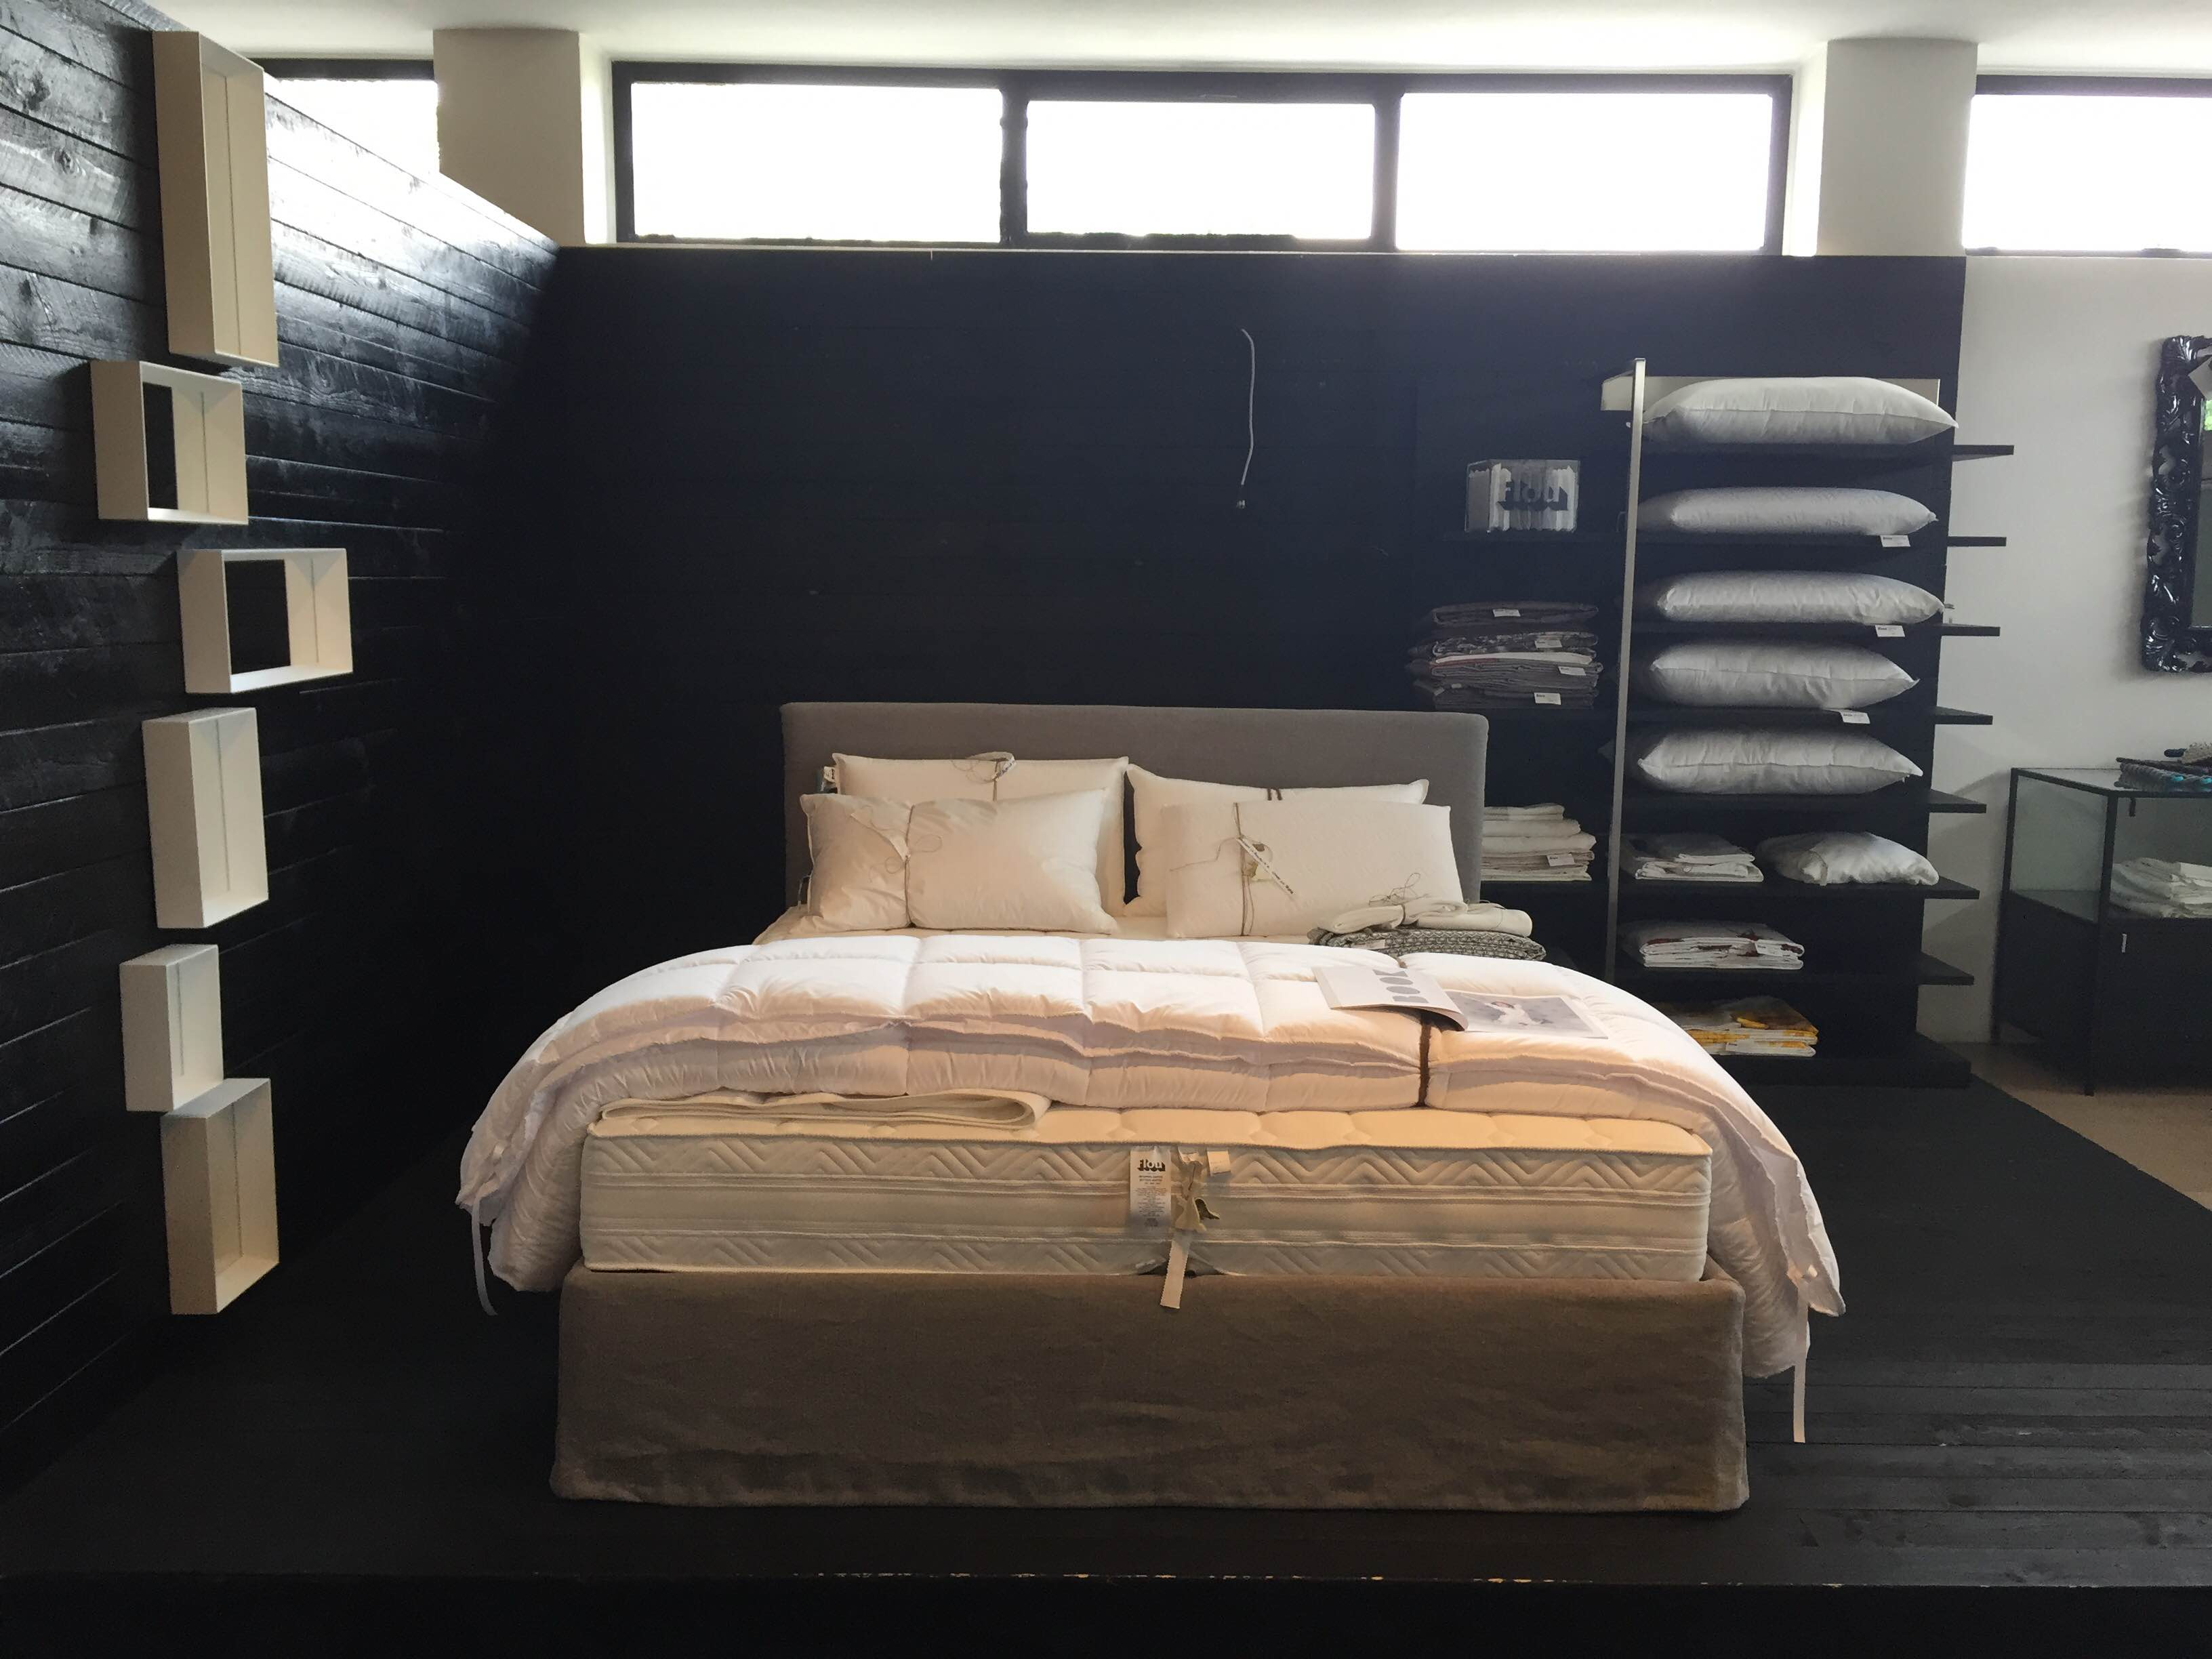 Lampadari moderni a led per camera da letto - Letto shabby chic ...